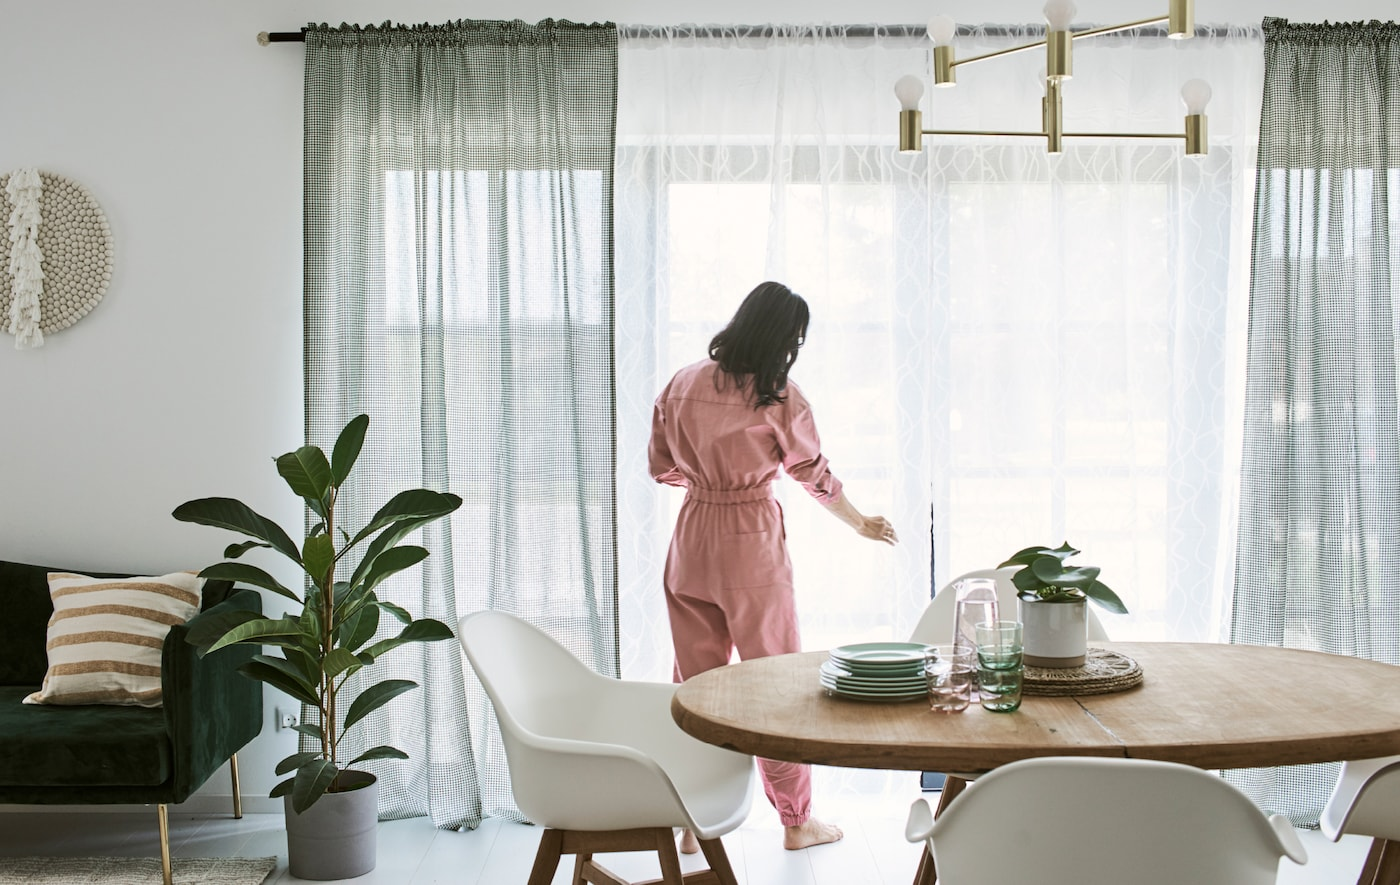 Nő, rózsaszín ruhában a függönyöket igazgatja egy étkezőben, fa étkezőasztallal és fehér székekkel.